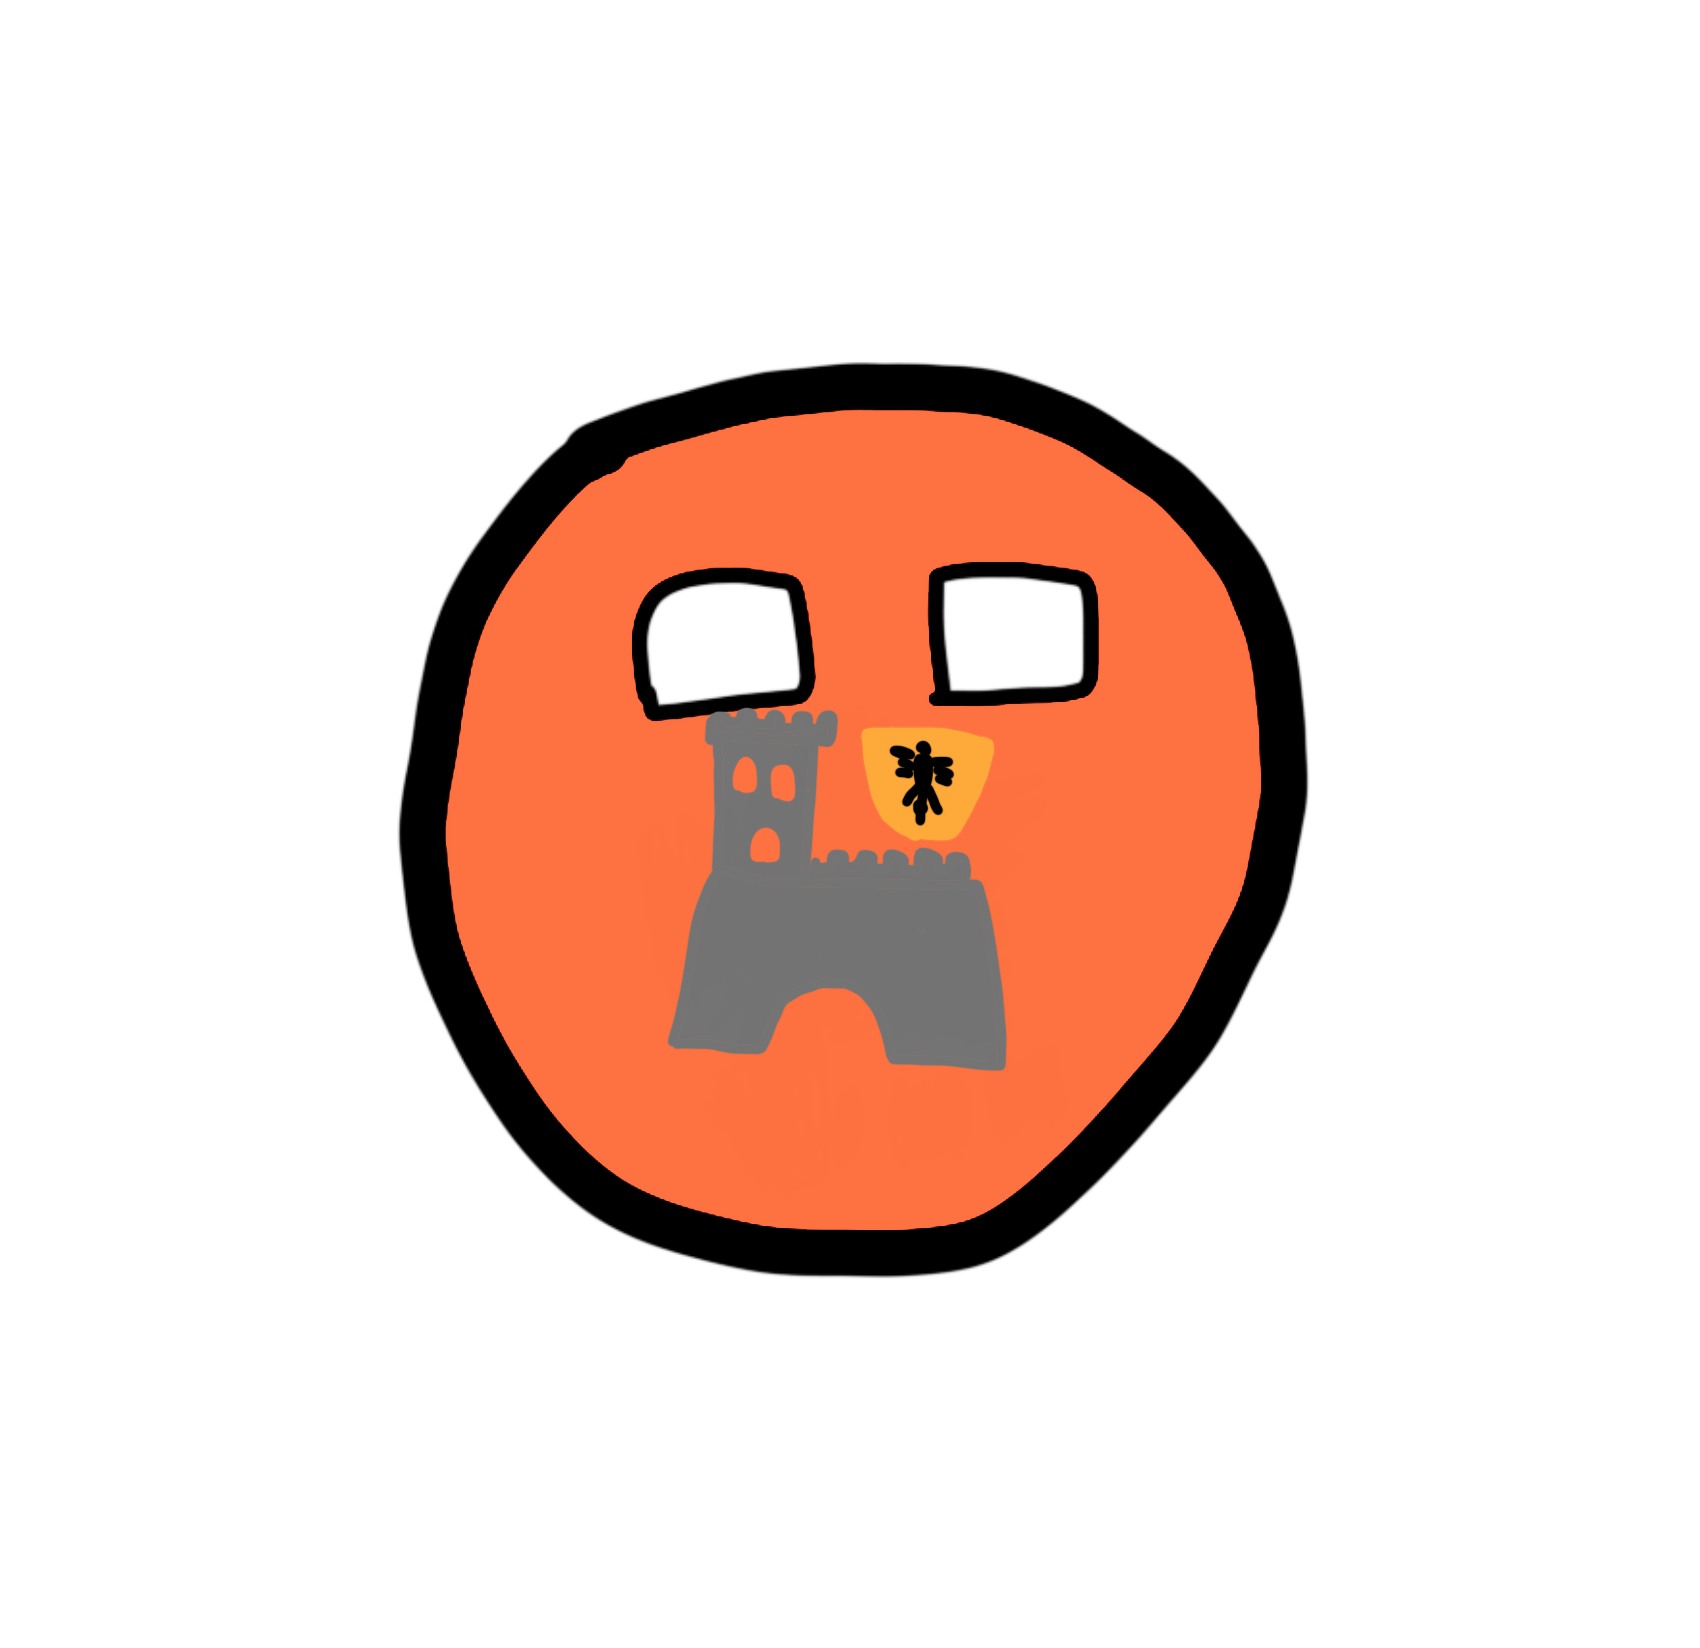 Vigevanoball